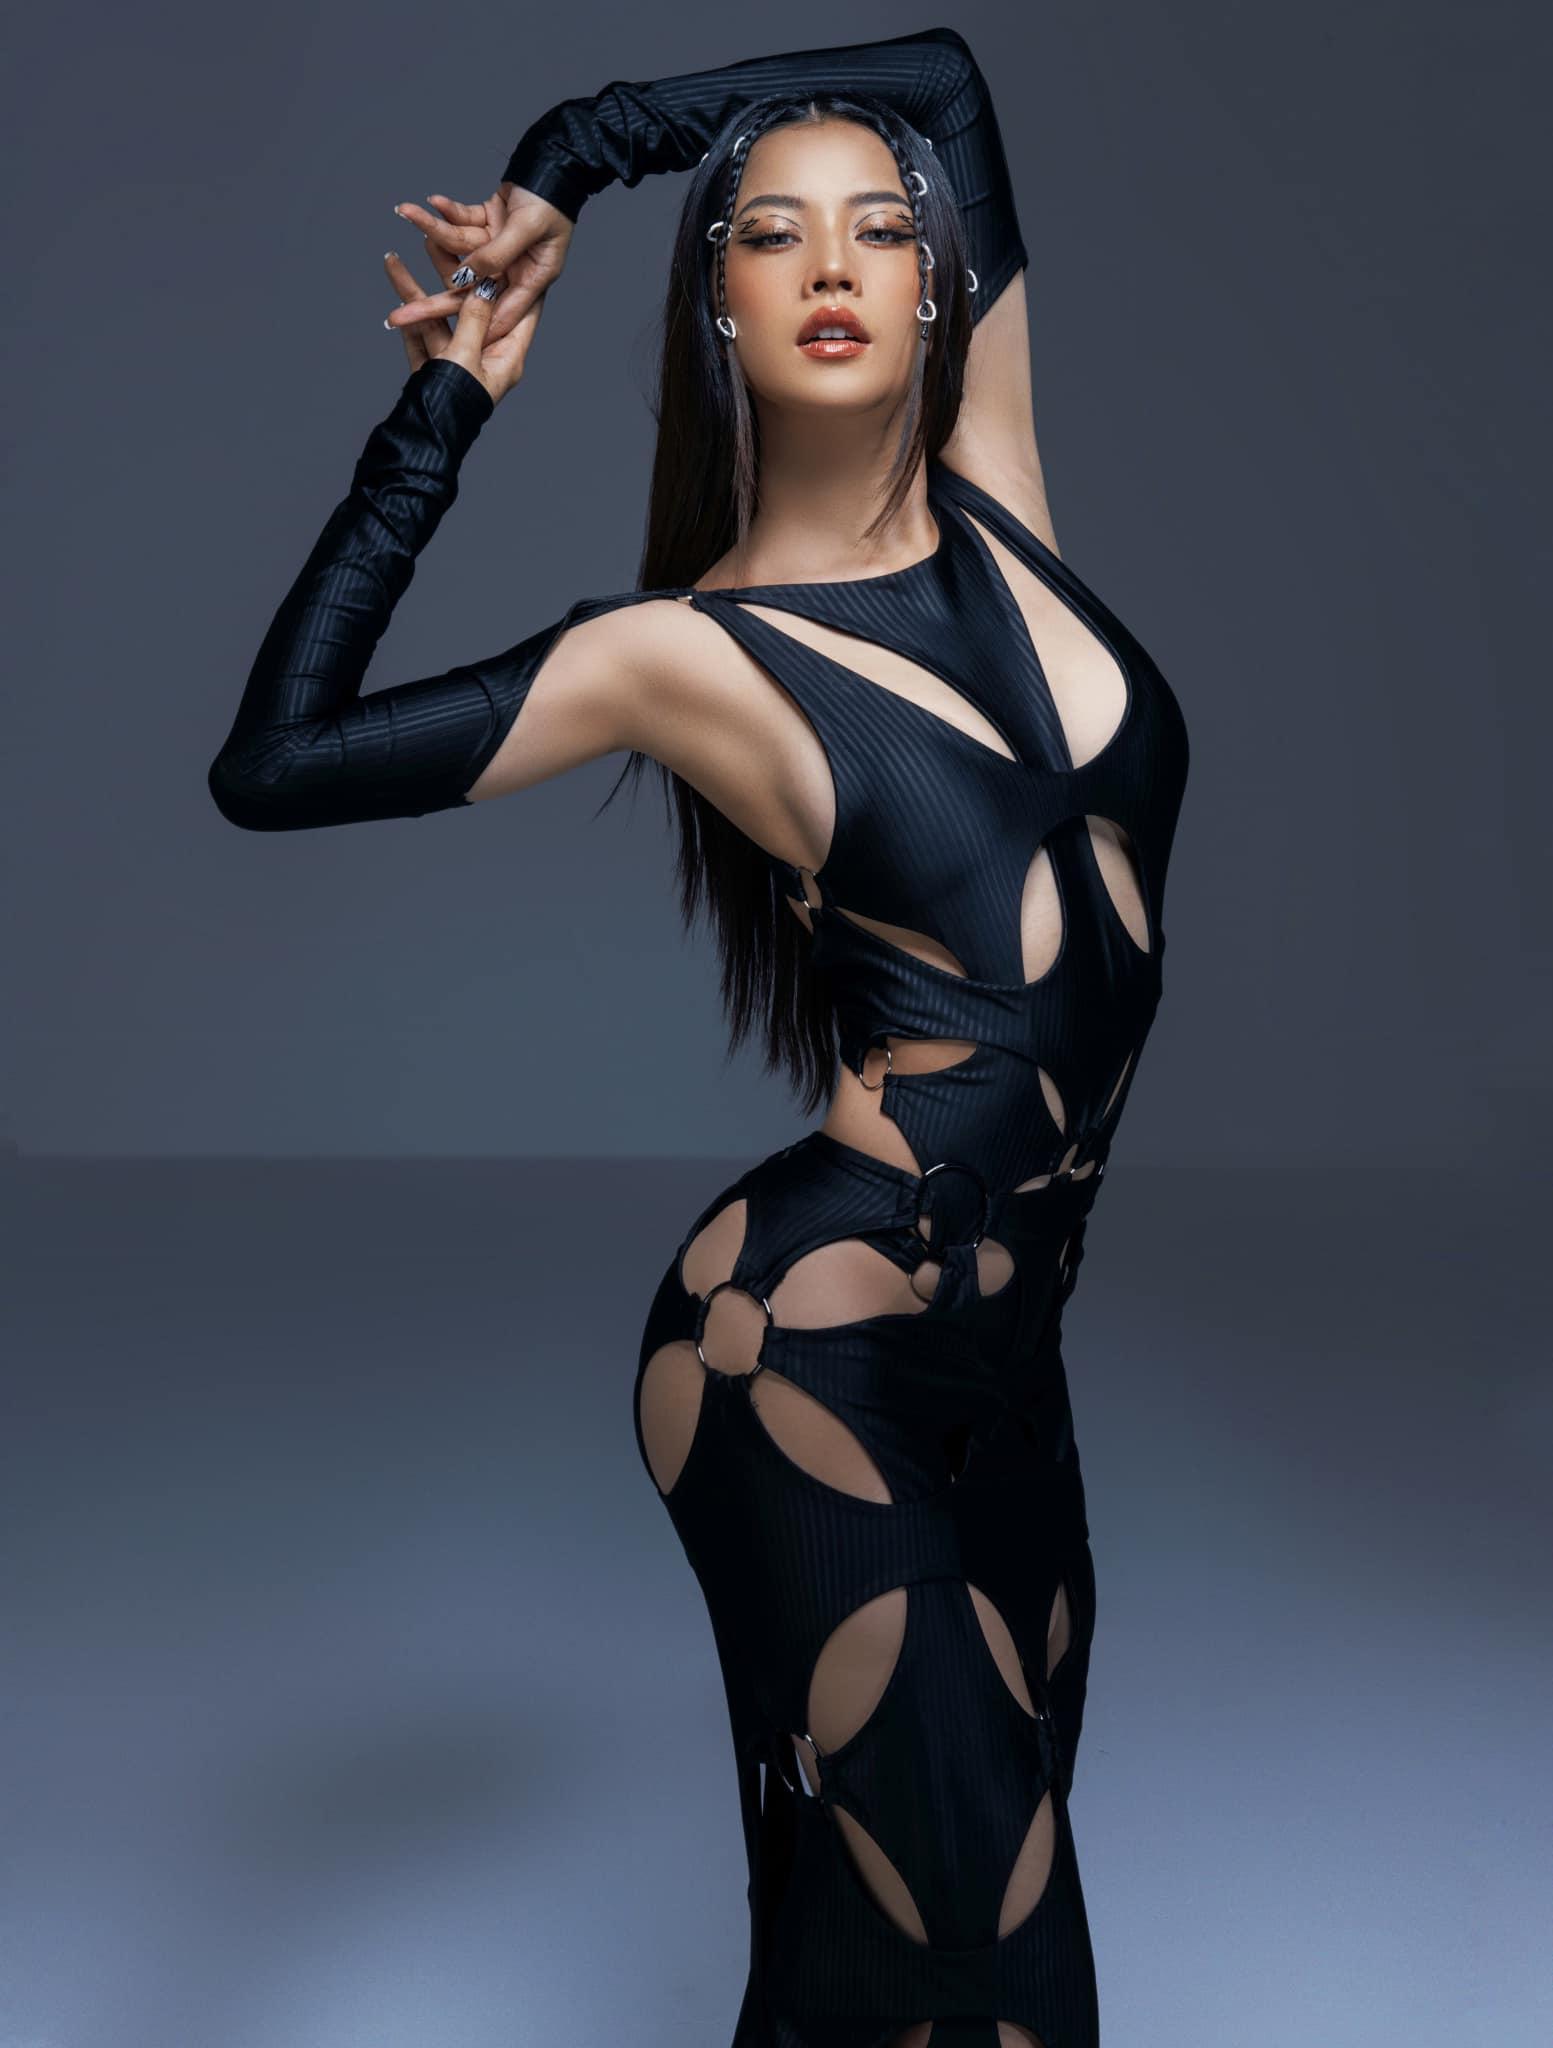 Chiếc váy tím chưa hạ nhiệt, Chi Pu lại gây sốt với bộ cánh cắt xẻ hơn cả Ngọc Trinh - 4